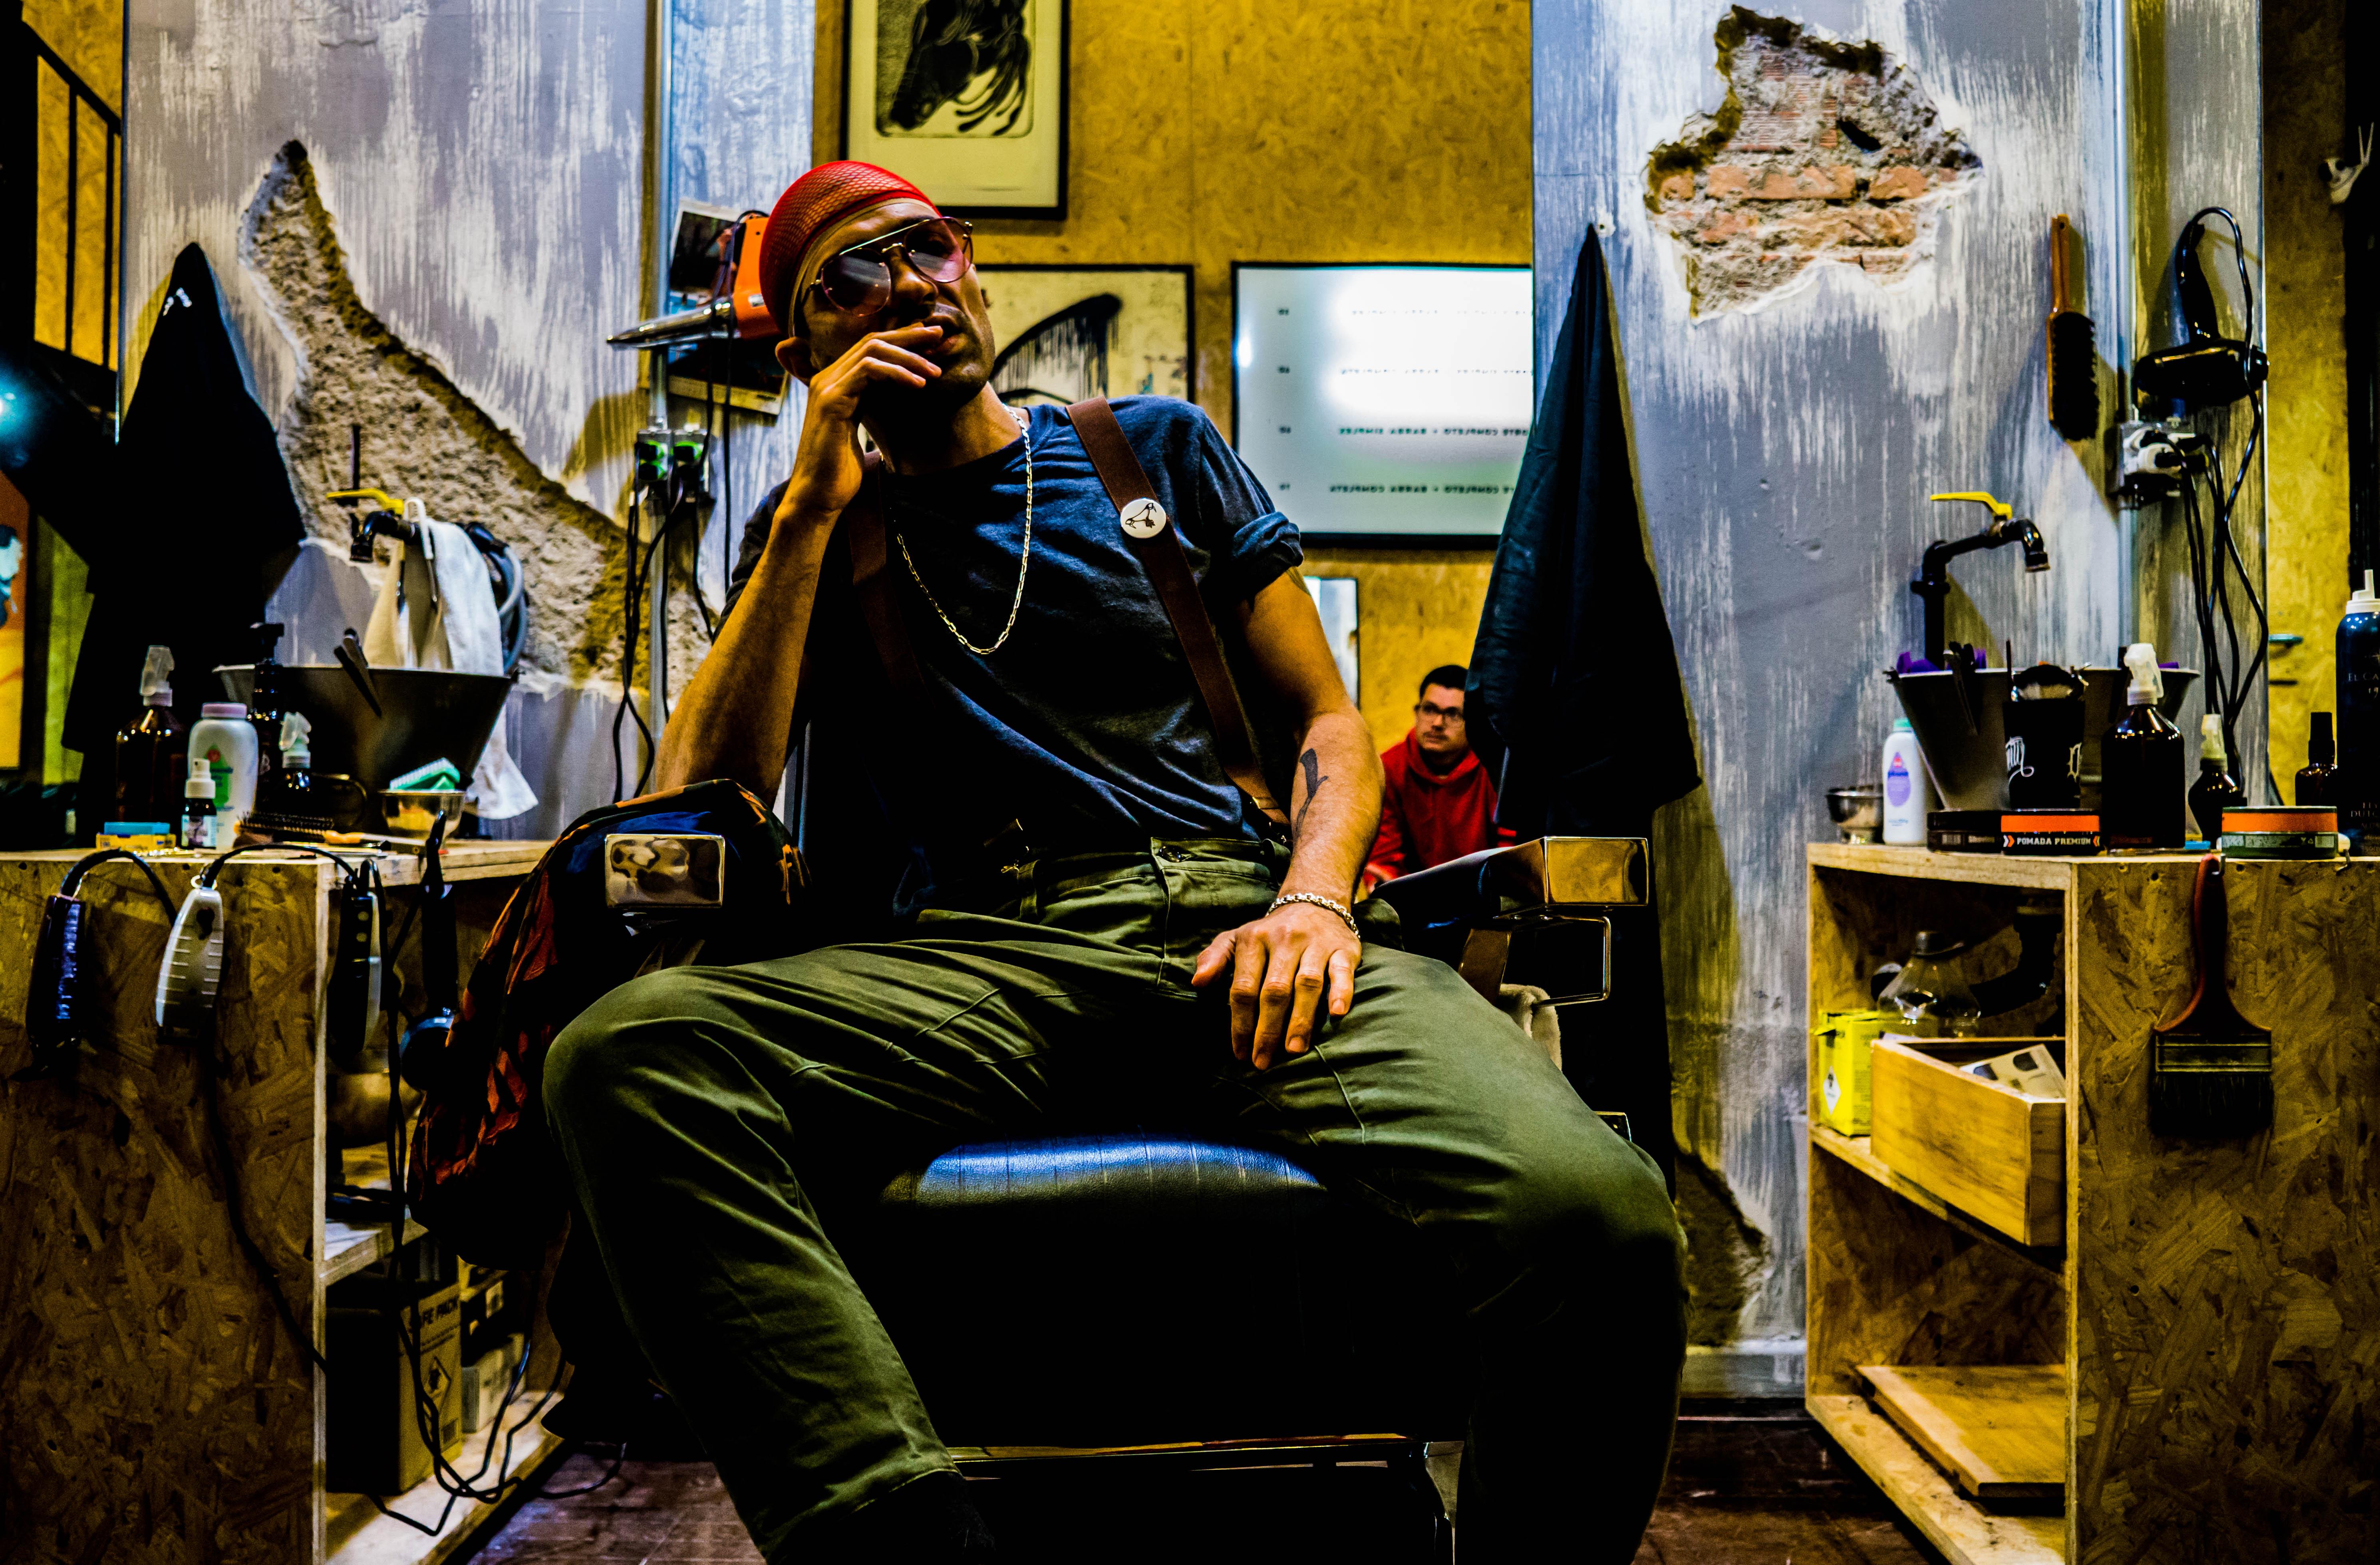 O último bom malandro: Falamos com o rapper Don L sobre cena, política, arte, influências e muito mais